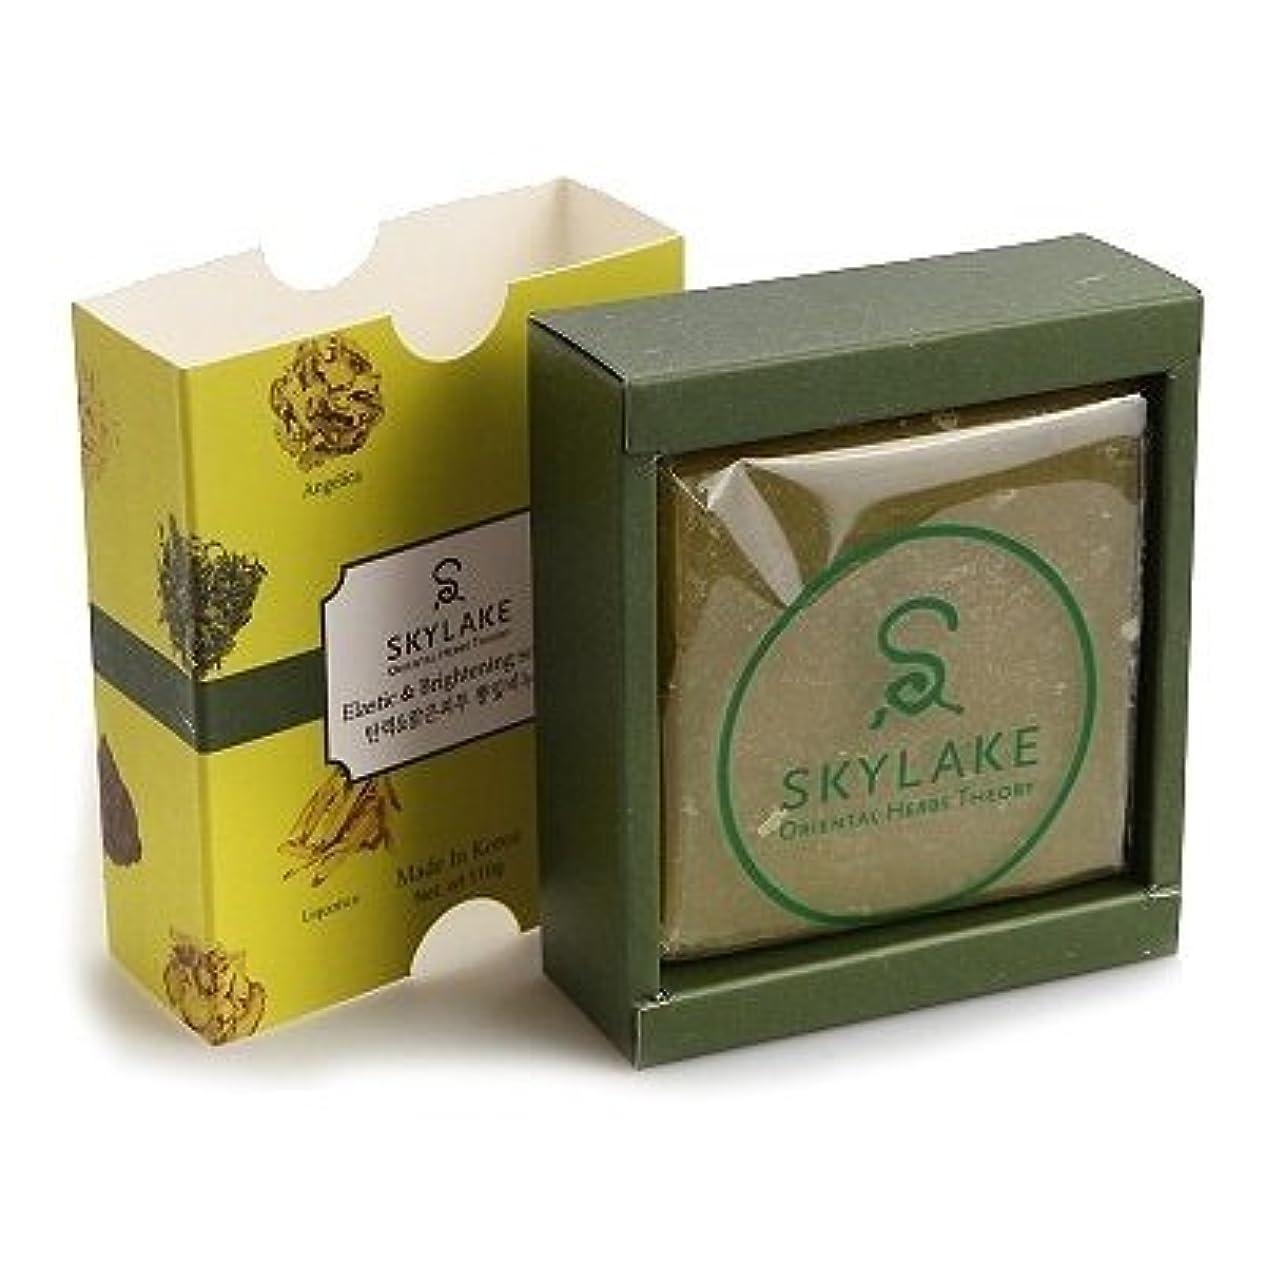 懲戒褒賞敏感な[1+1]ハヌルホス[Skylake] 漢方アロマ石鹸Oriental Herbs Theory Soap (ハリ改善&ブライトニング用)